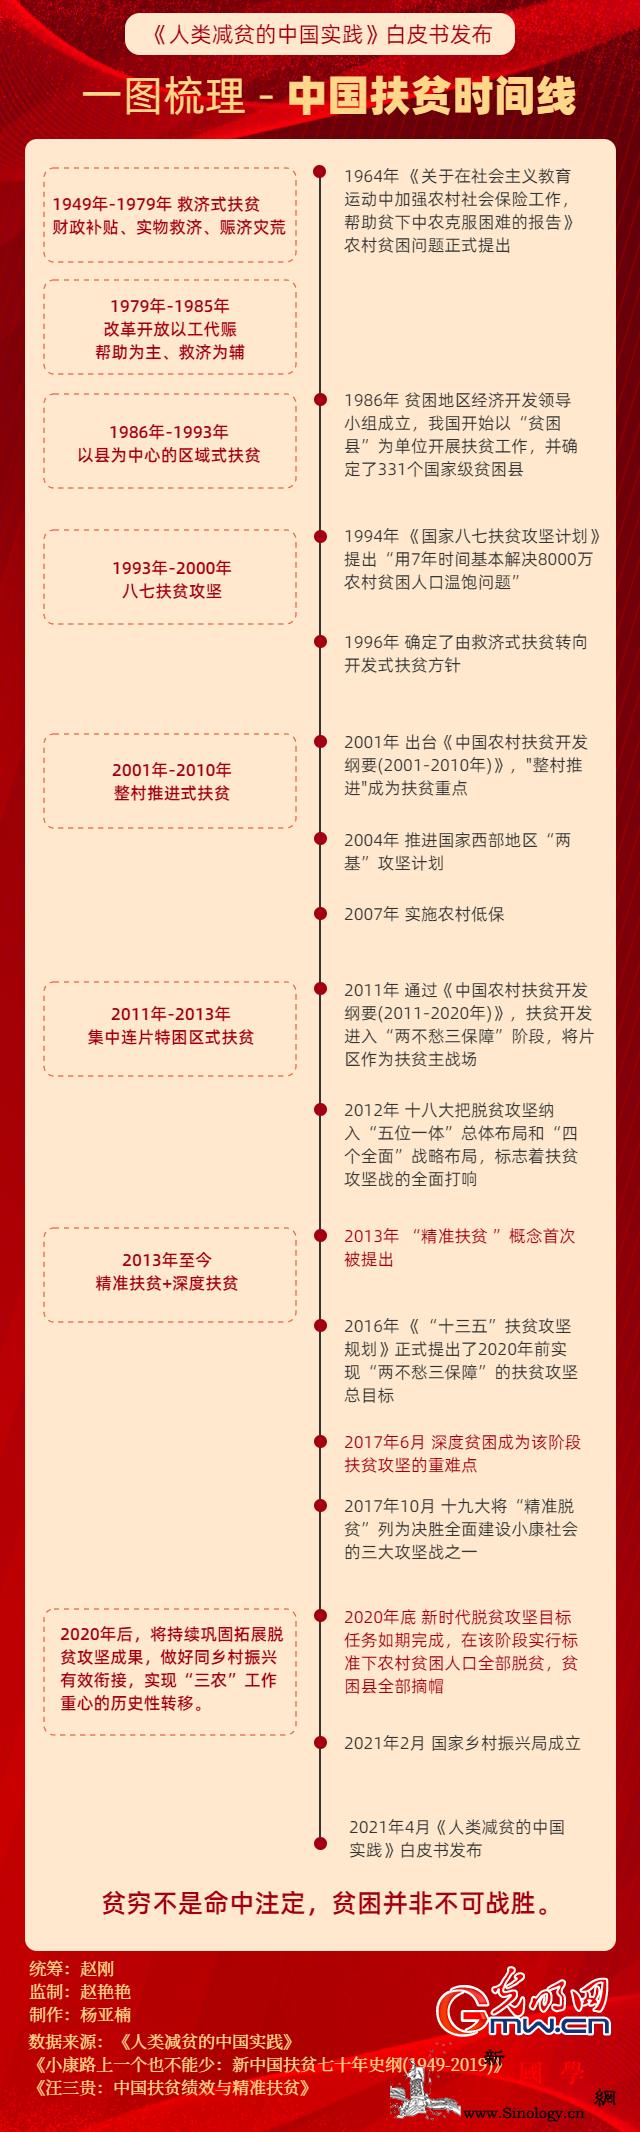 一图梳理中国扶贫时间线_出列-国务院-脱贫-